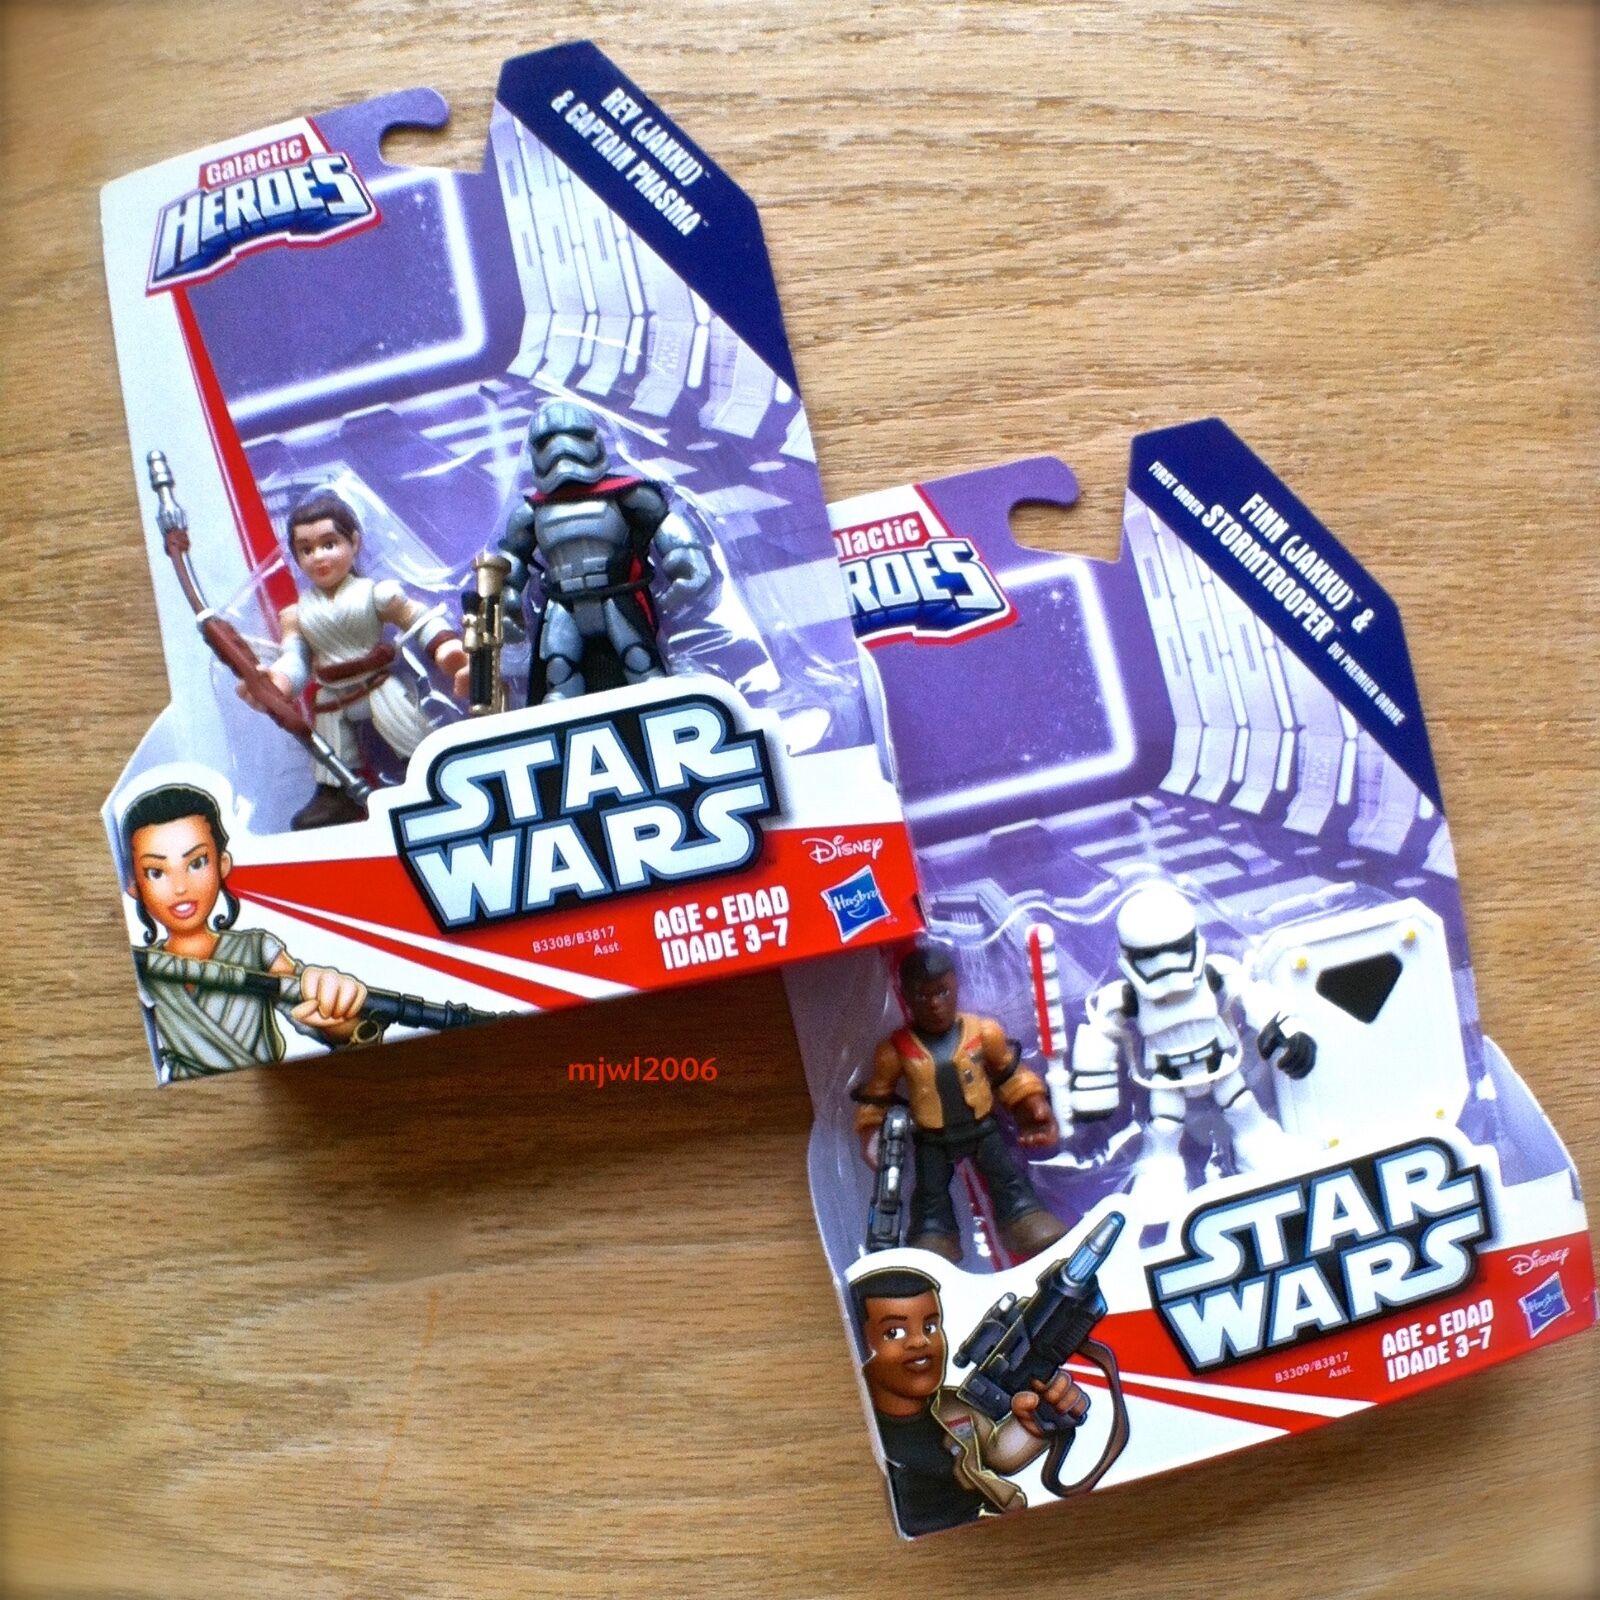 Star Wars Galactic Heroes CAPTAIN PHASMA REY FINN FIRST ORDER STORMTROOPER Bundl